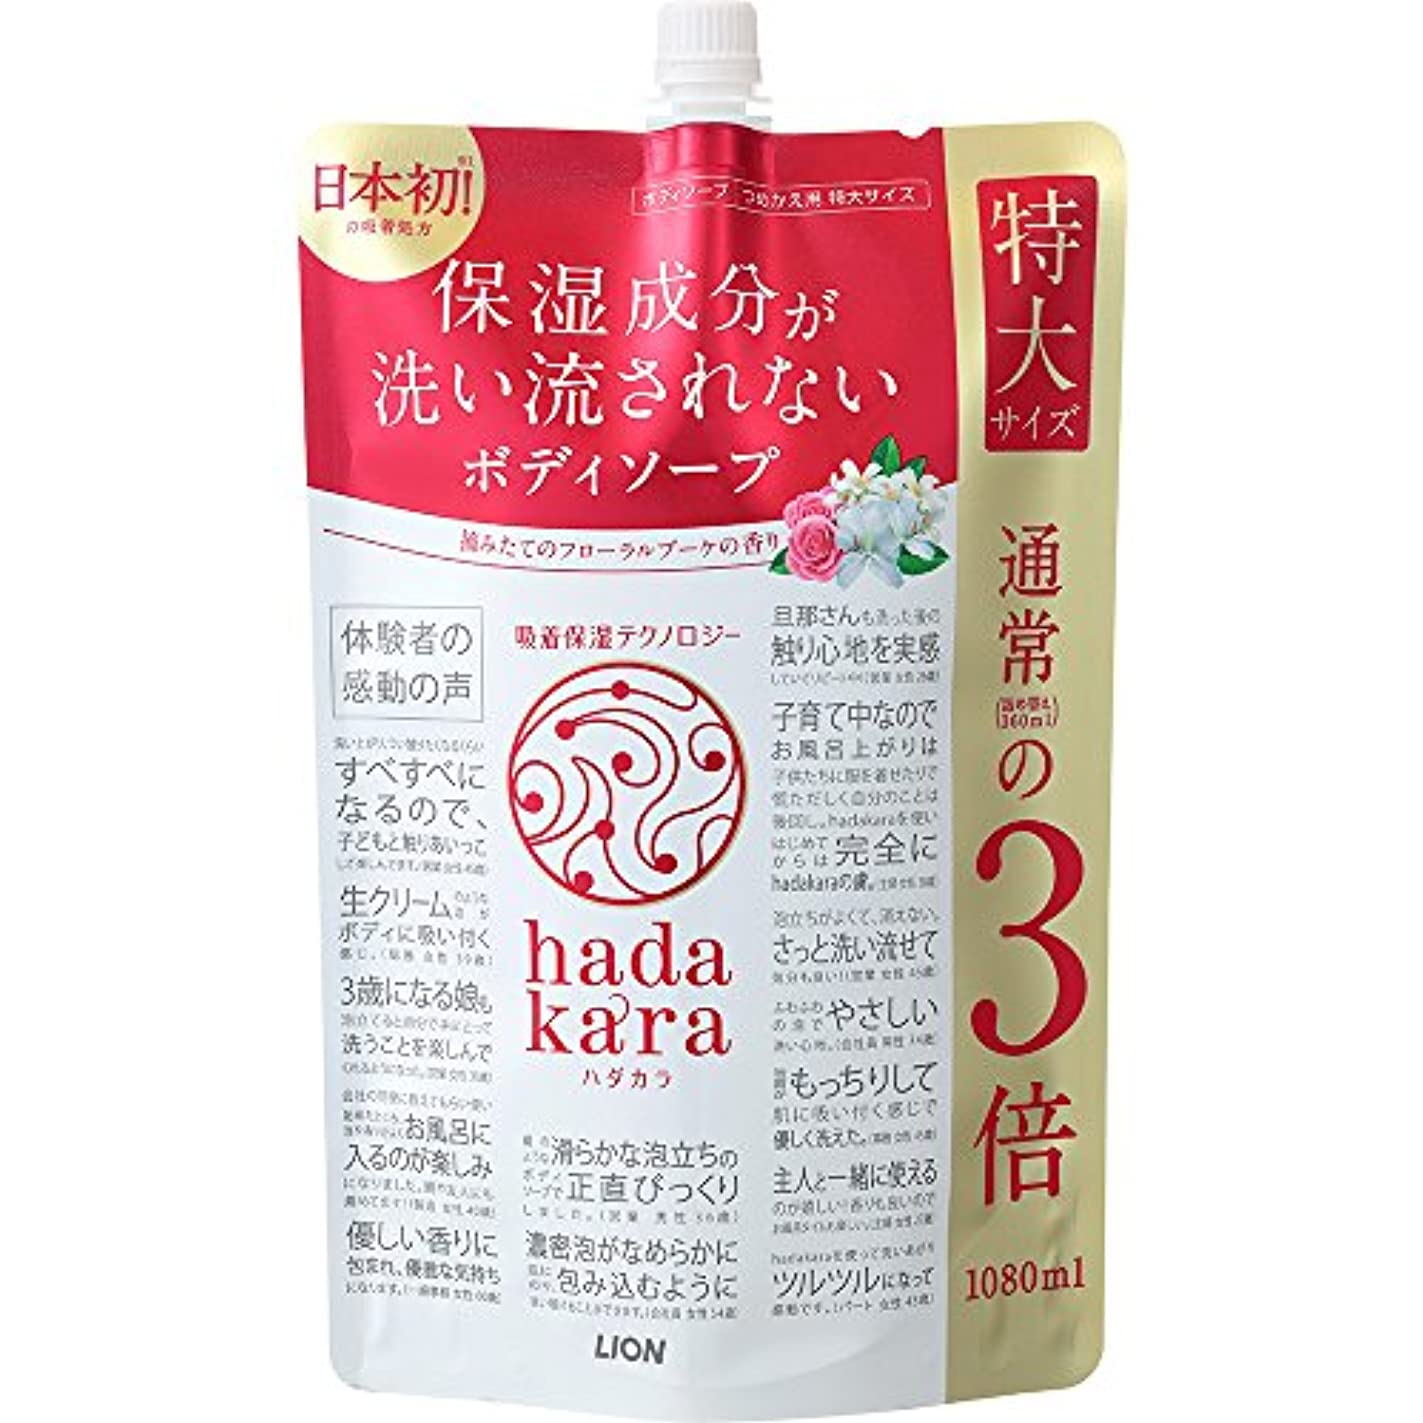 処分したトランペット雰囲気【大容量】hadakara(ハダカラ) ボディソープ フローラルブーケの香り 詰め替え 特大 1080ml